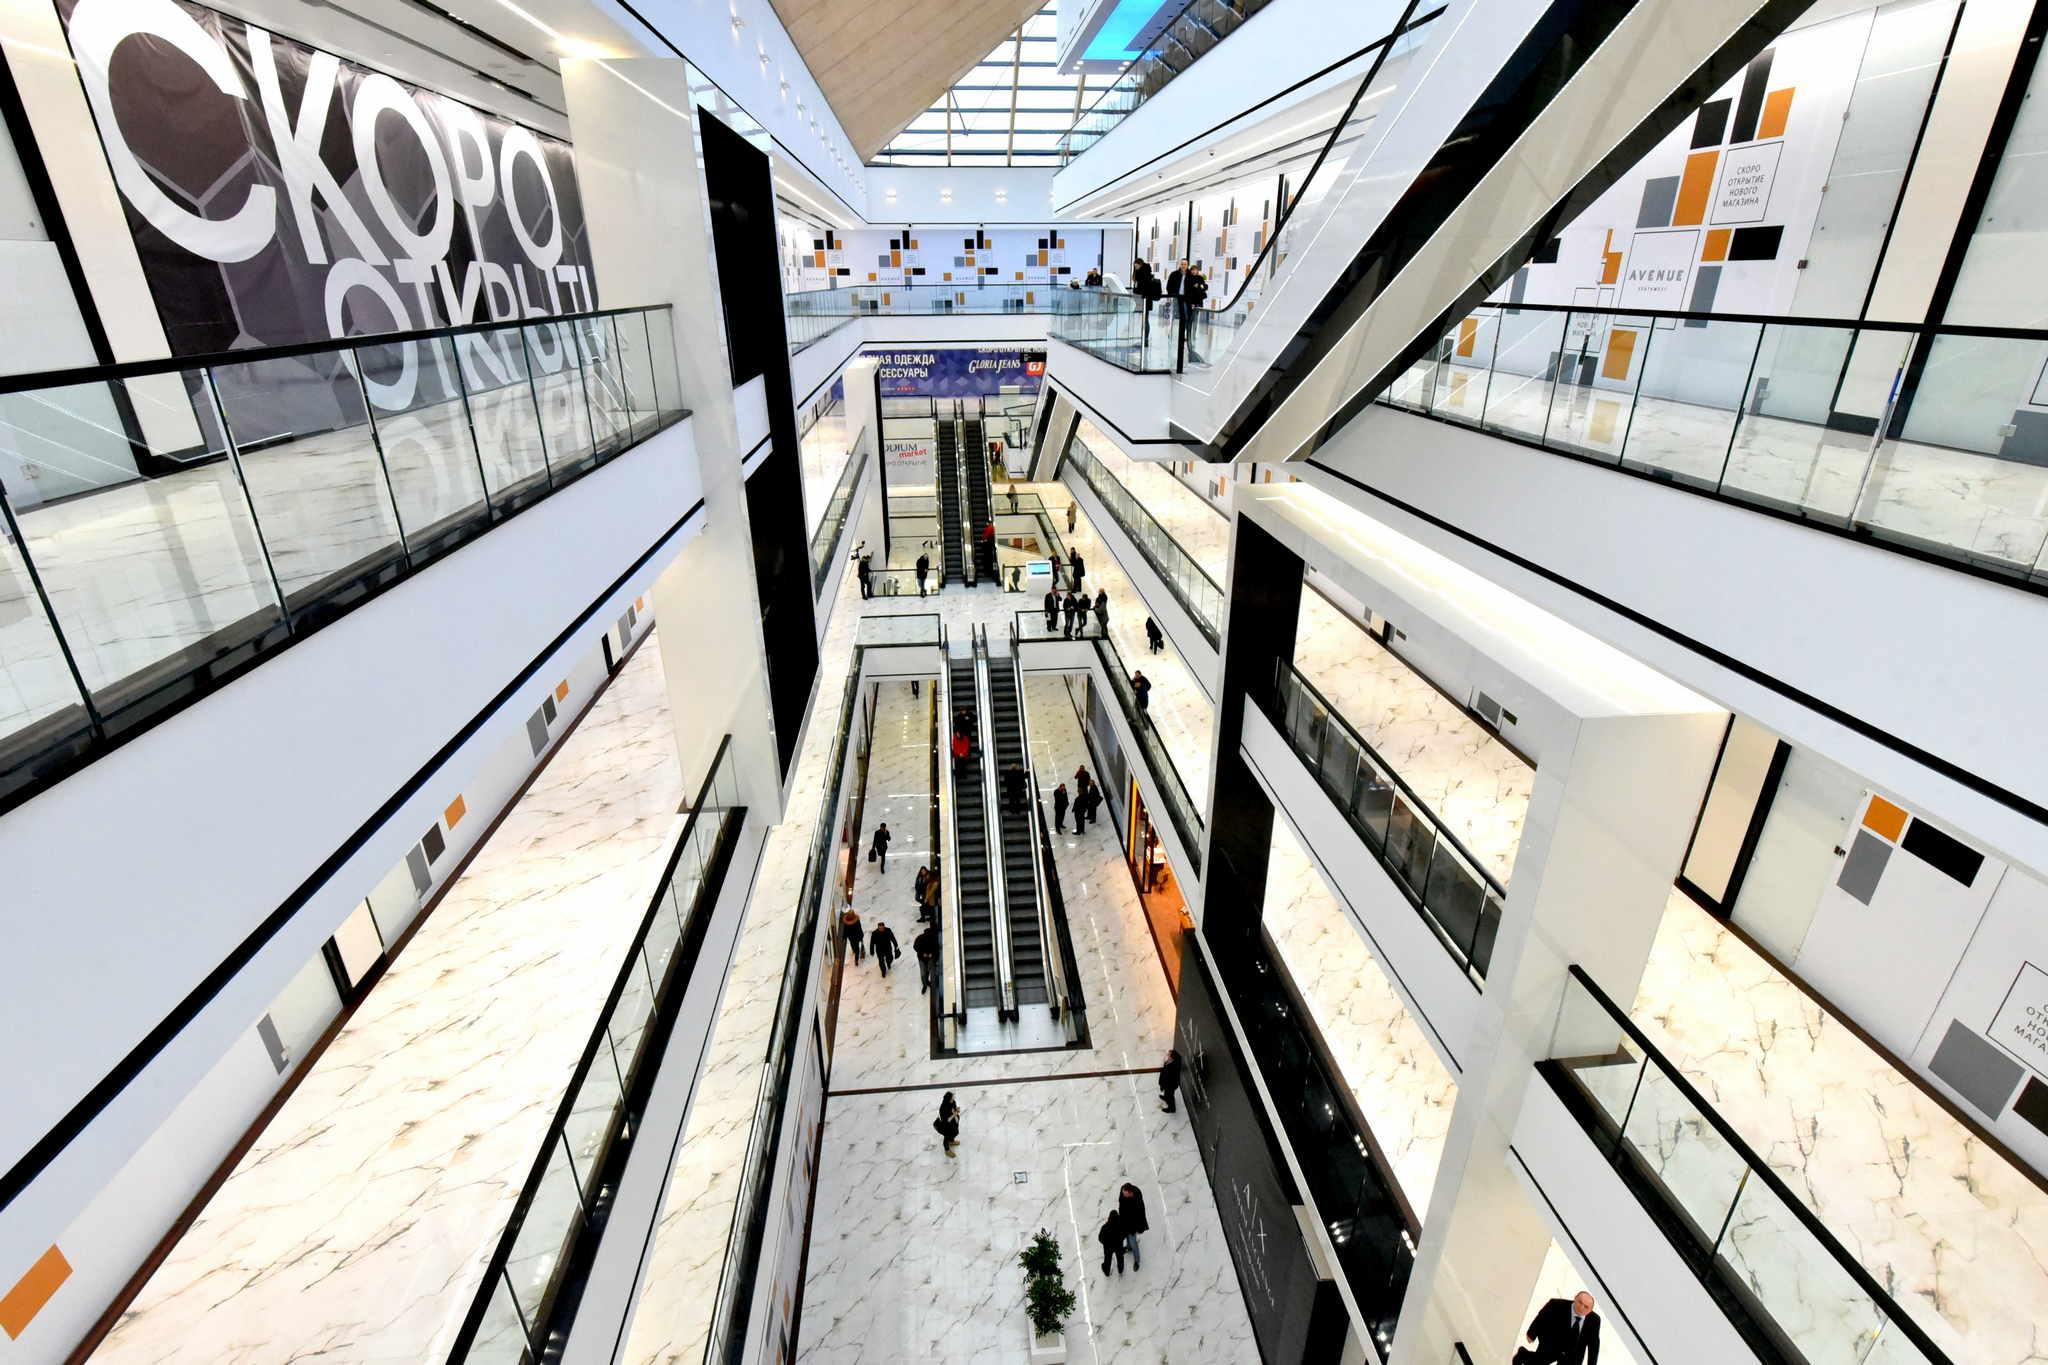 Торгово-выставочный центр построили на юго-западе Москвы